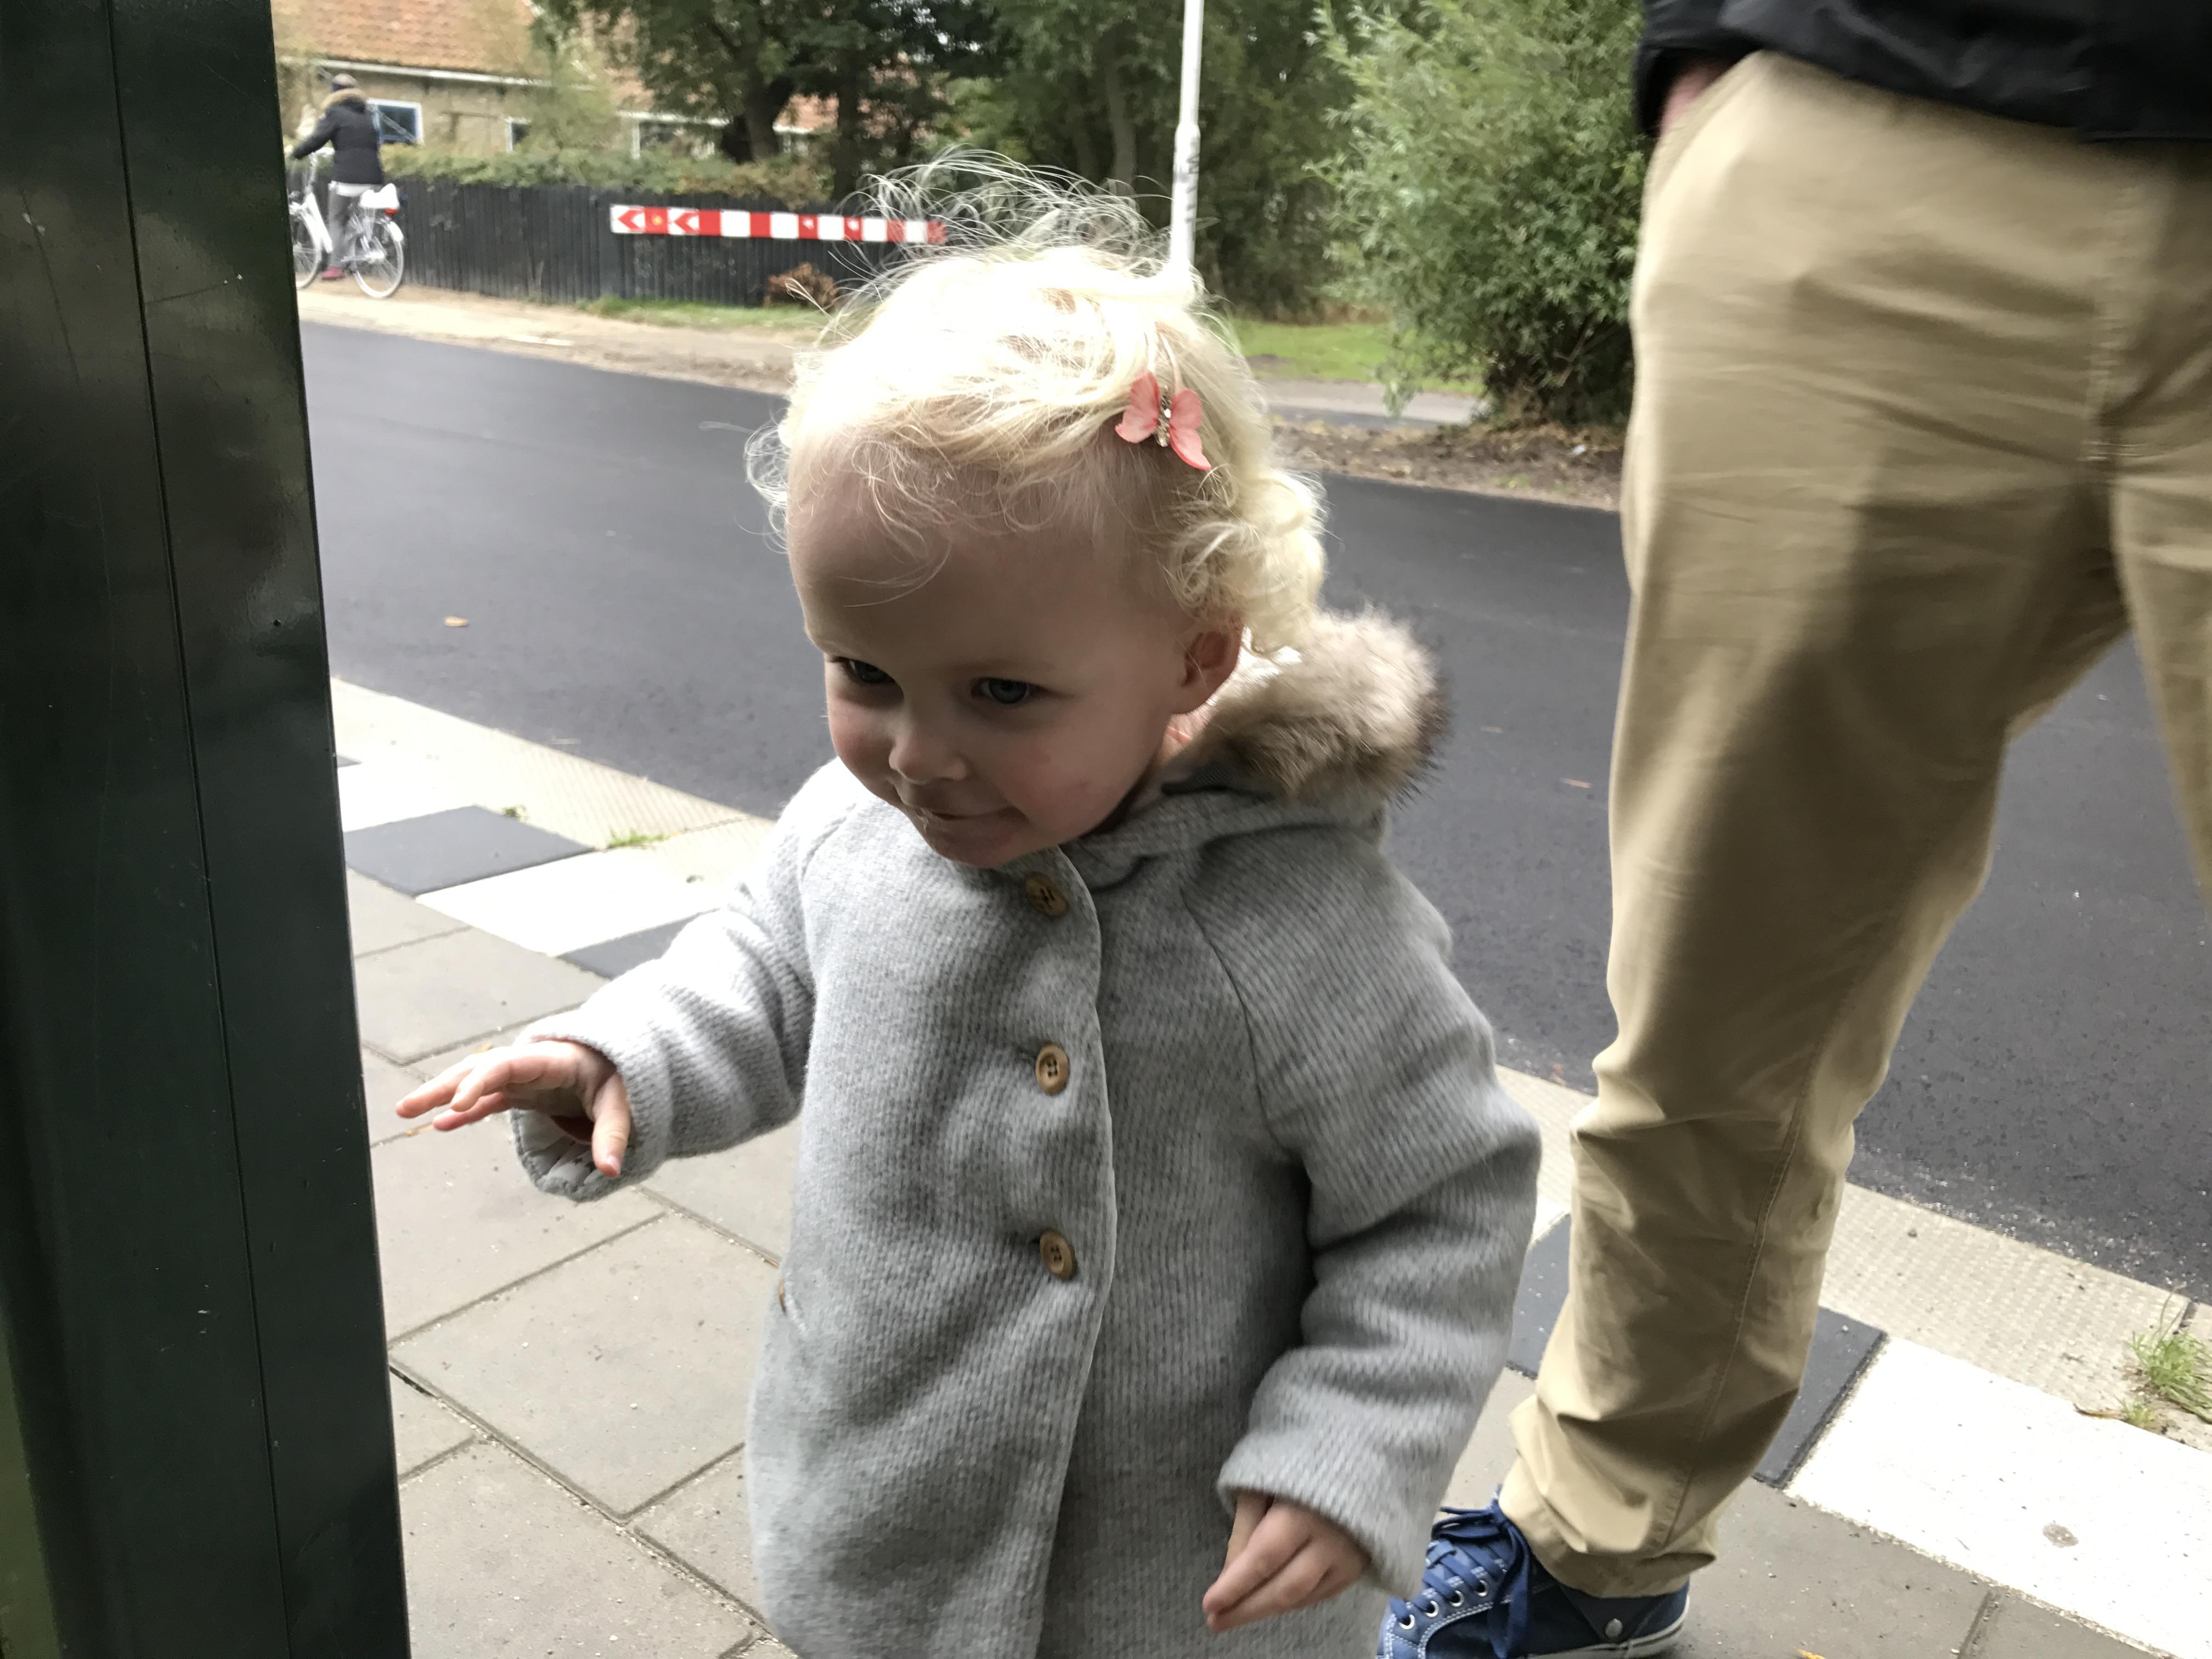 10-16-zenner-haar-accessoires-klipjes-haarspeldjes-speldjes-roze-sweet-native-meisjes-vlinder-strik-kinderen-baby-haren-nanny-moeder-amsterdam-diemen-blog-mama-boef